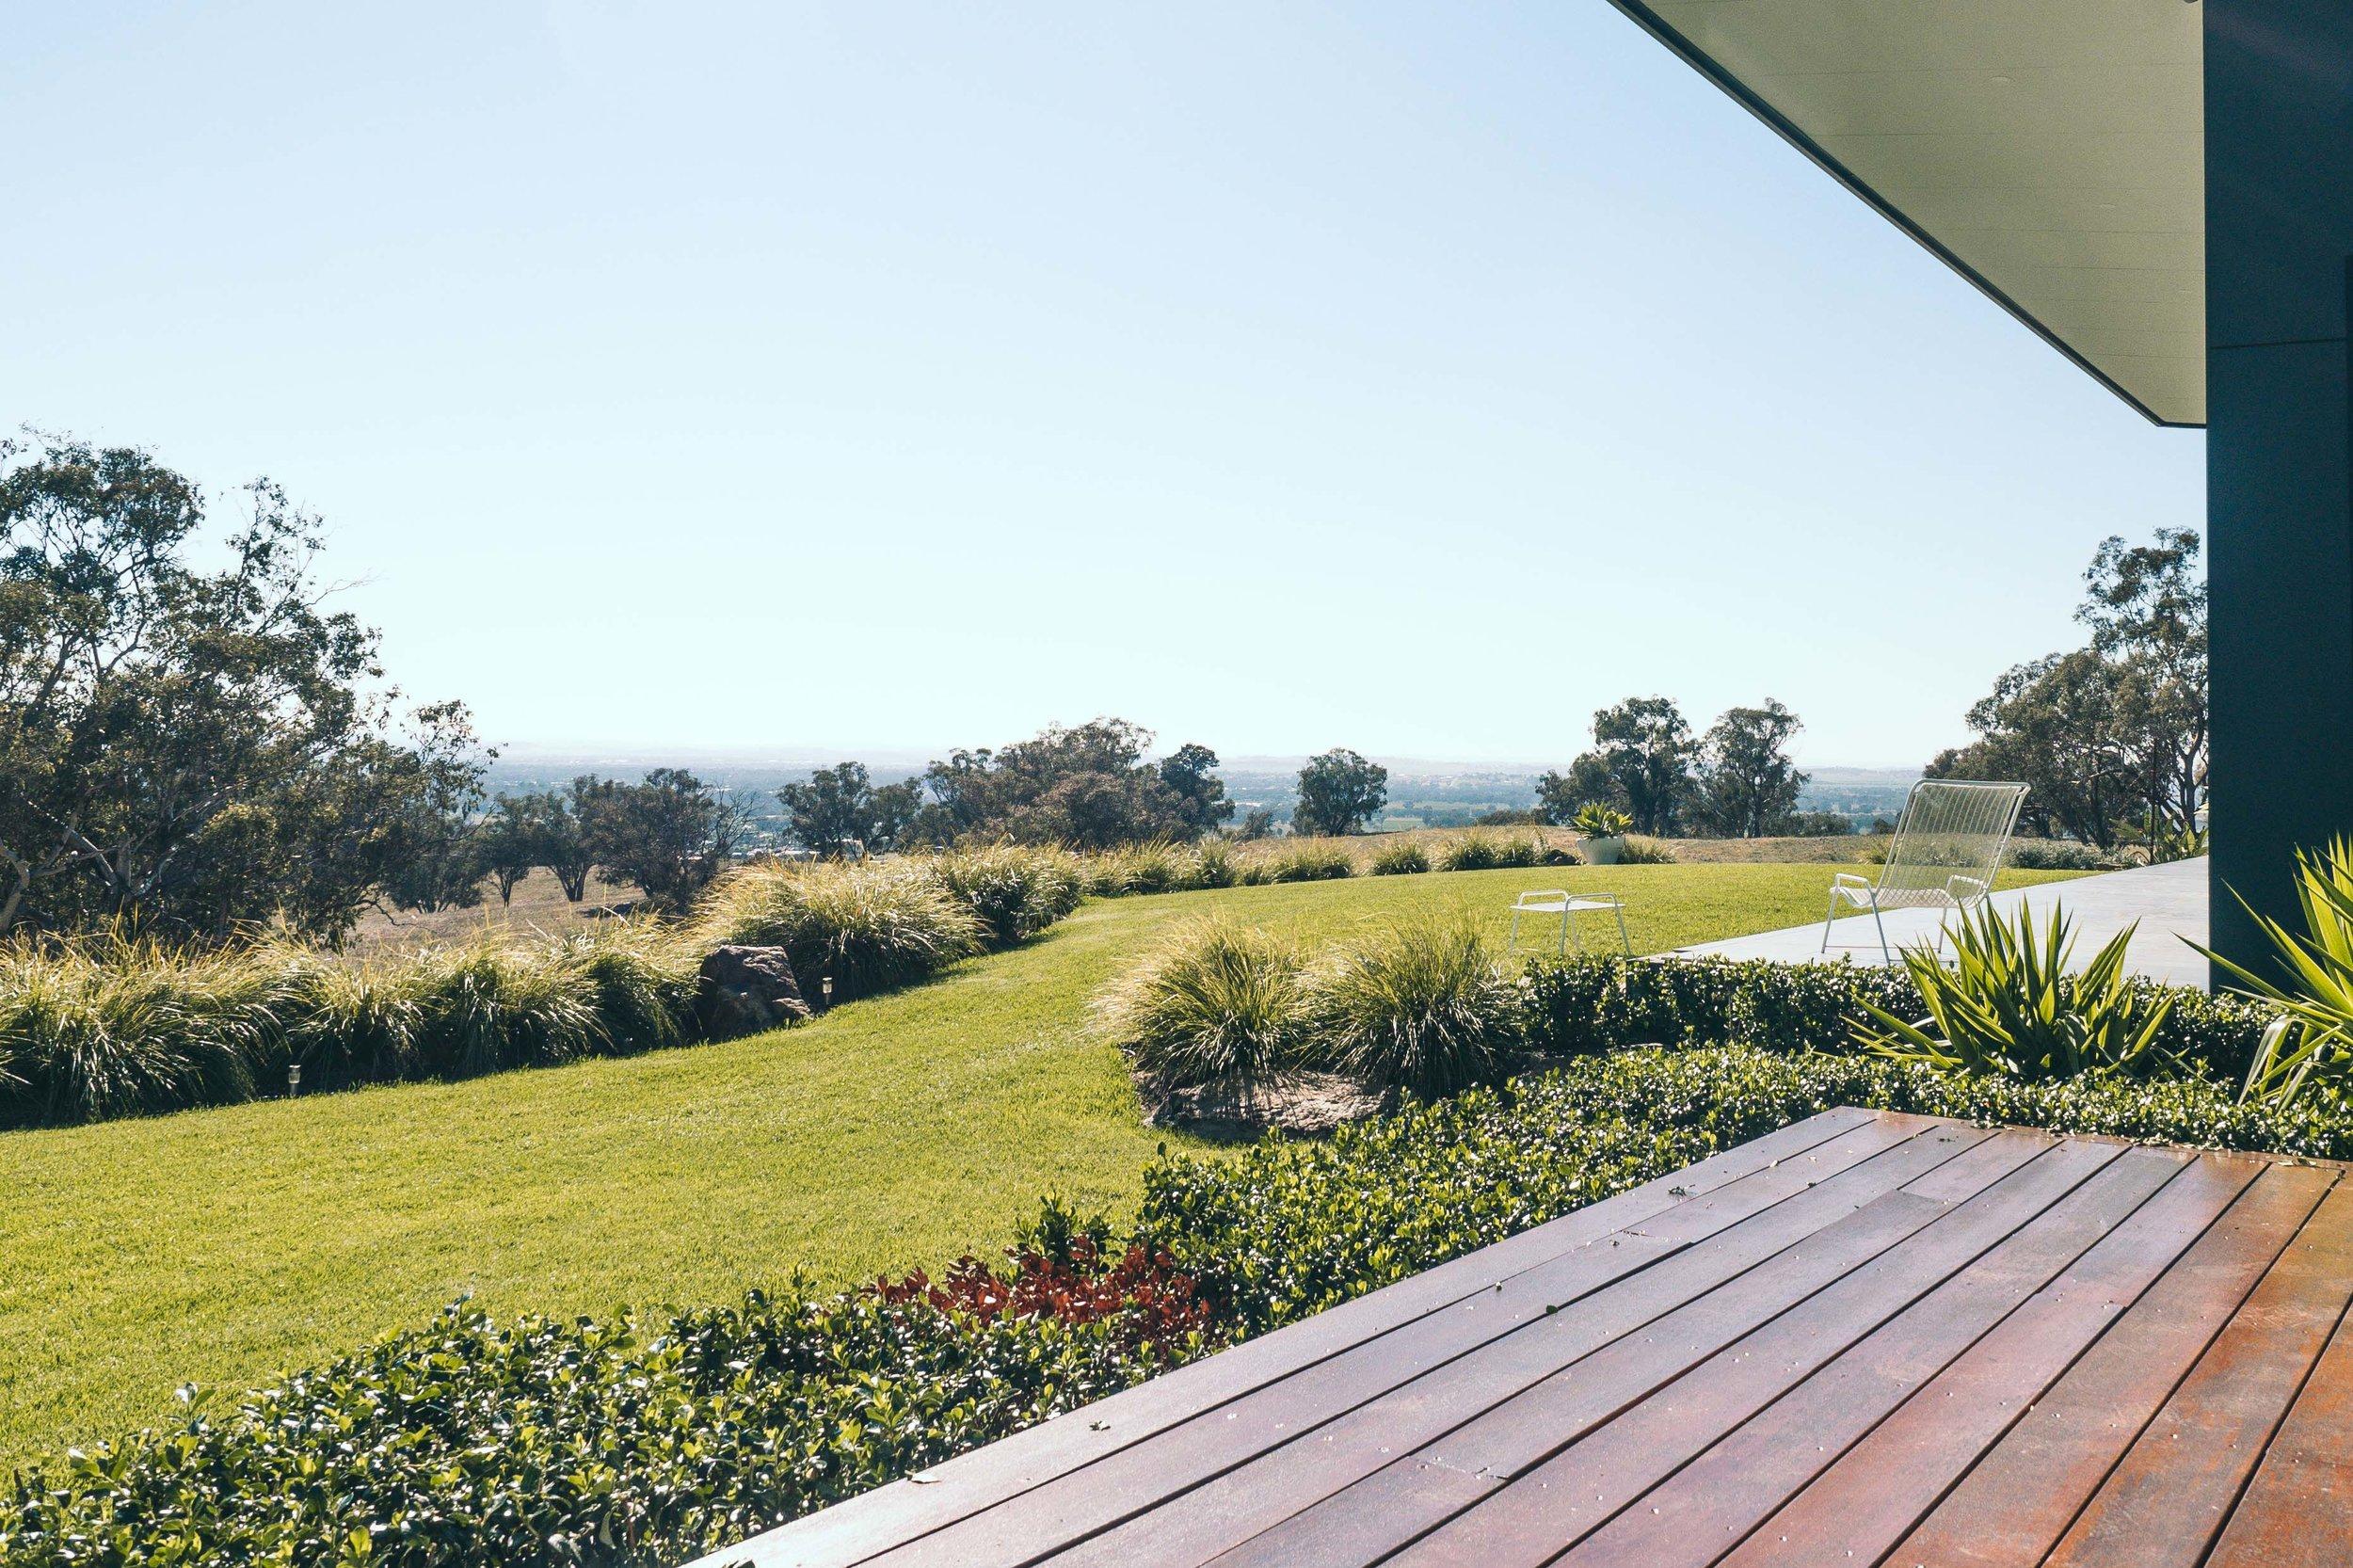 Somewhere Landscape Architects_GARDEN #2 (2)